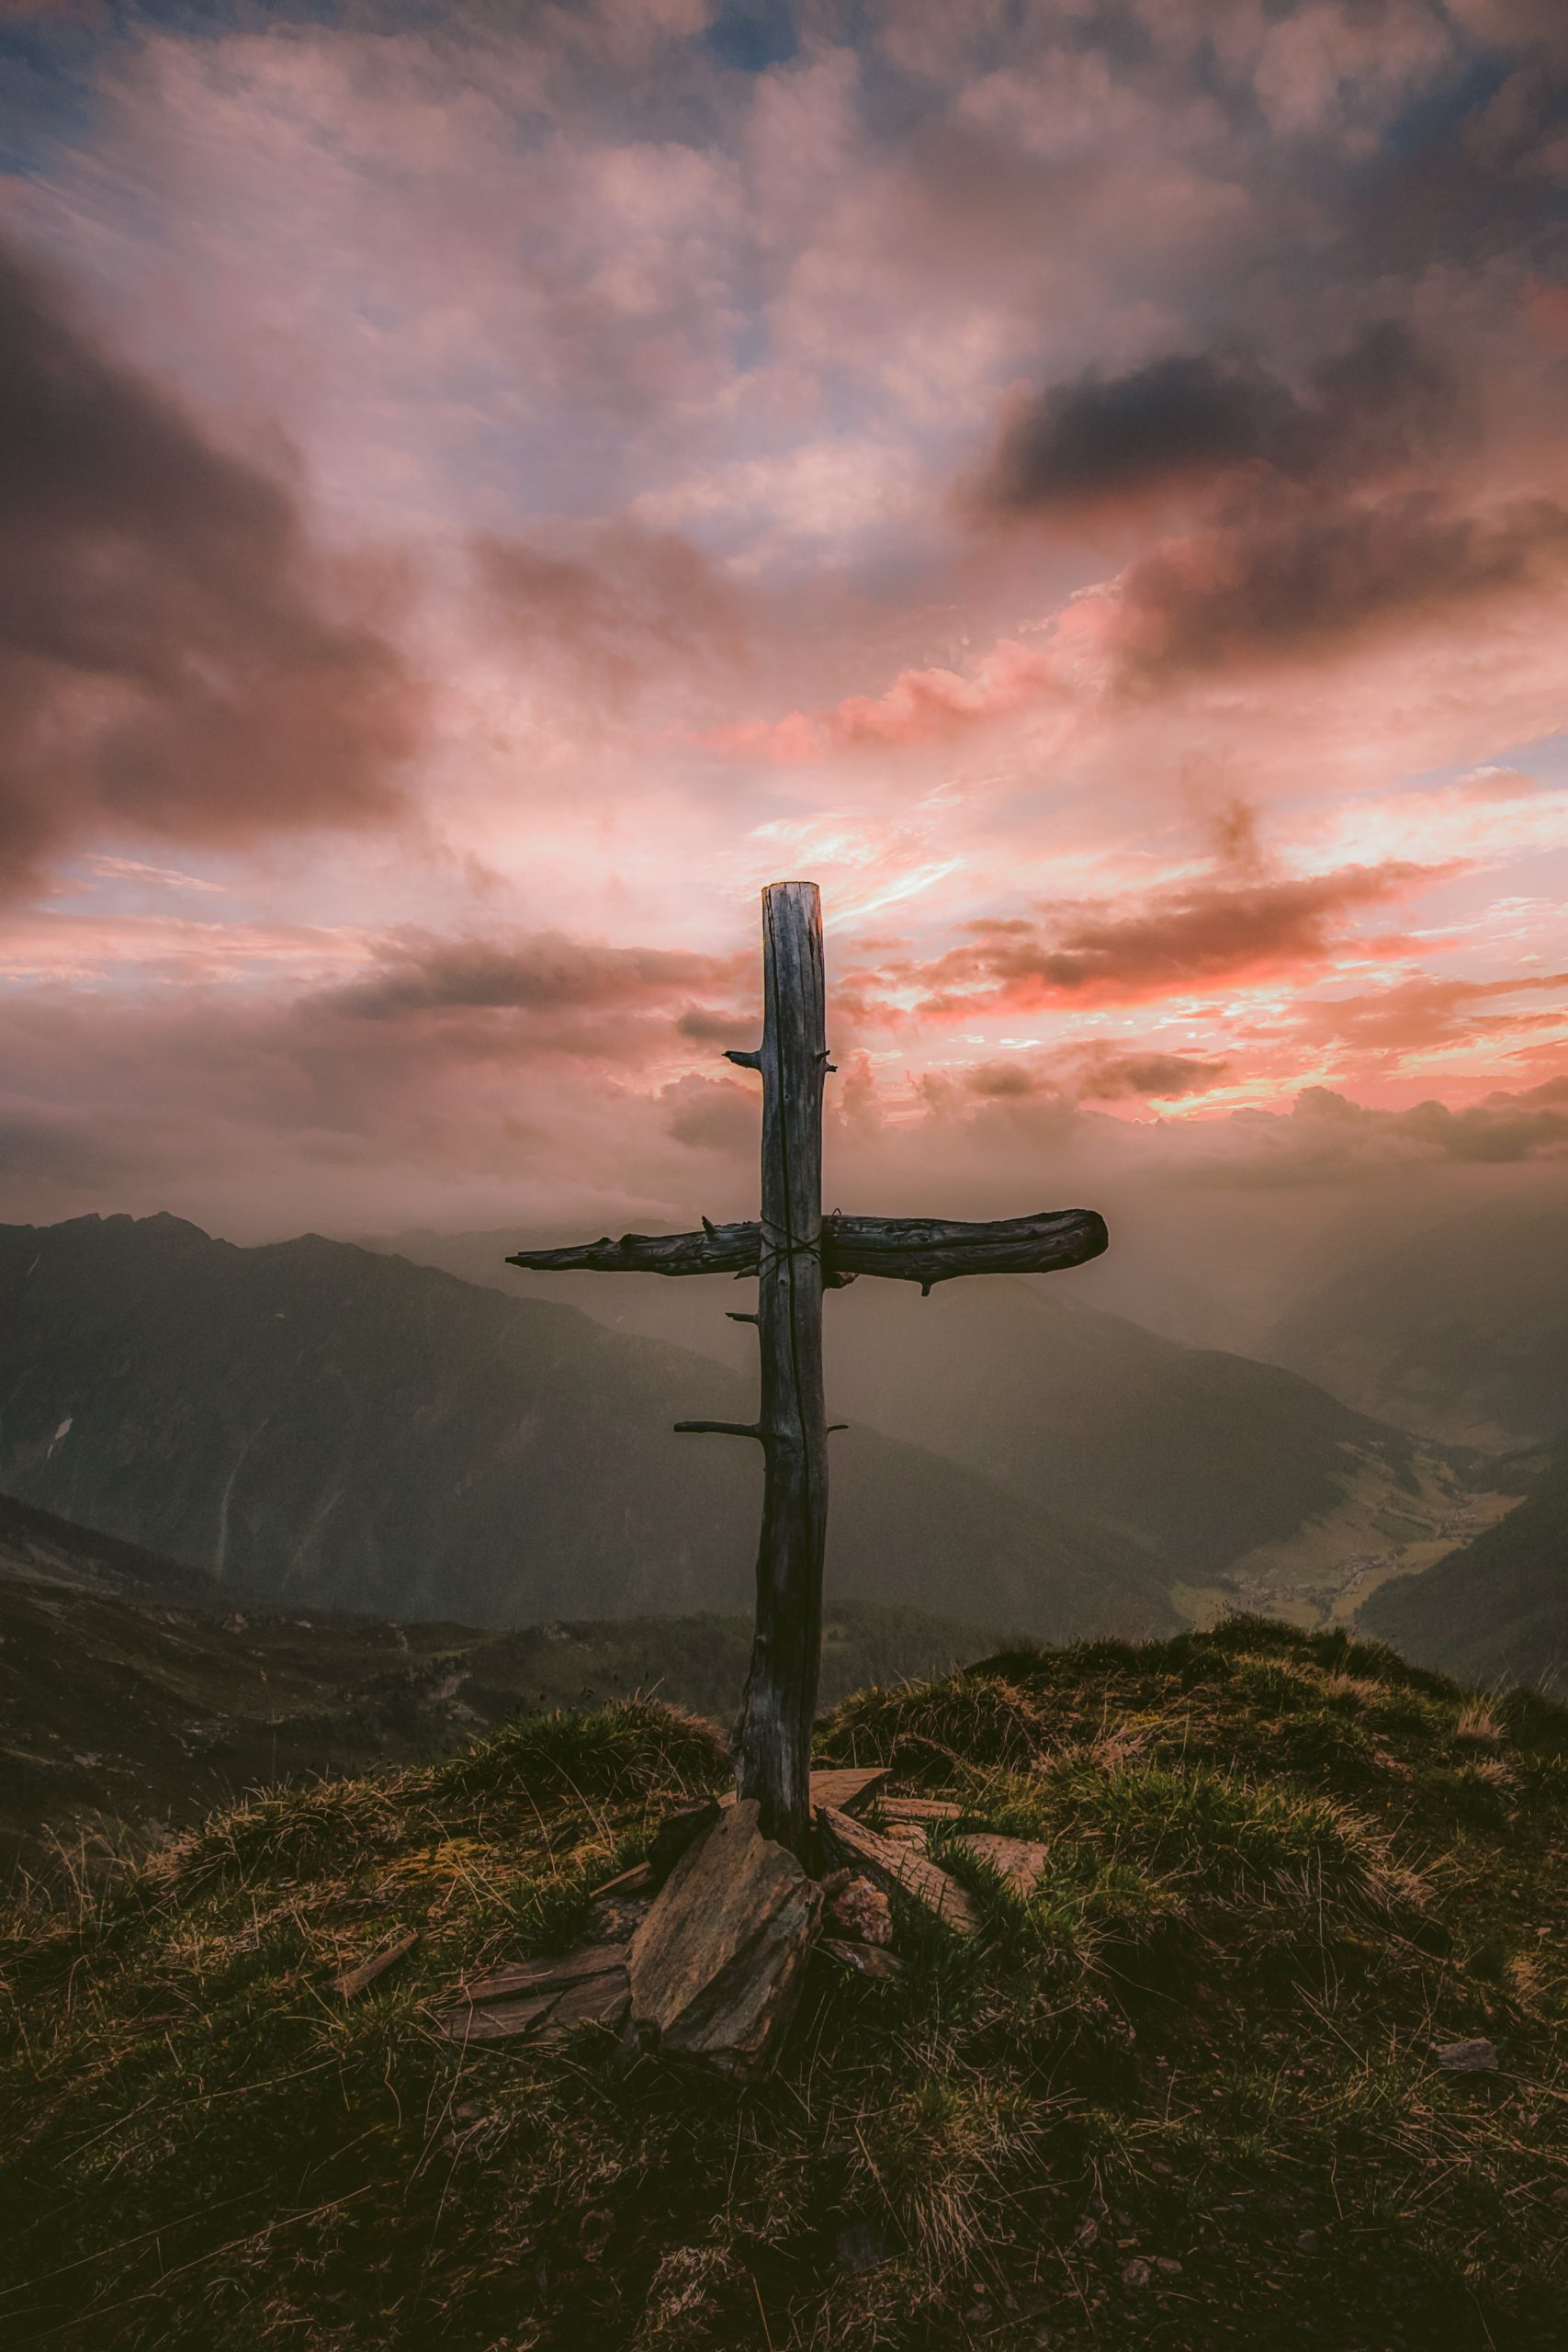 kriz na vrhu planine u sumraku